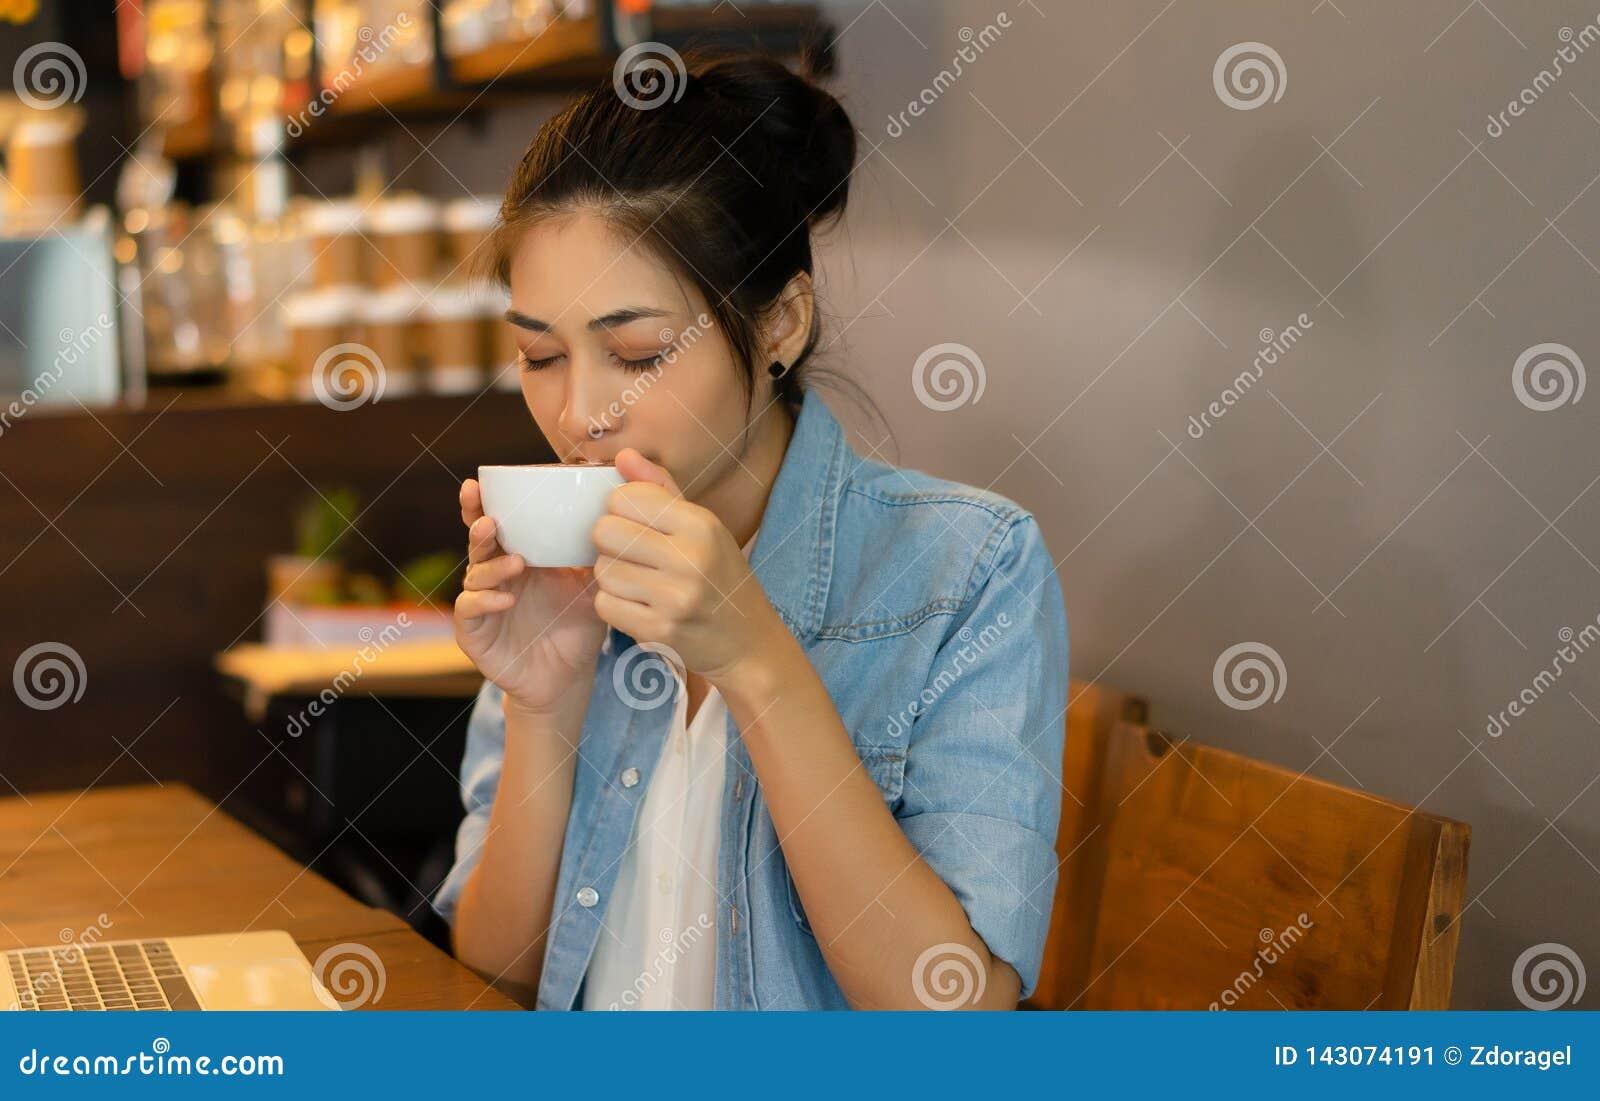 El retrato de la hembra magnífica asiática joven con sus ojos cerró el goce del olor del café delicioso fresco en la cafetería